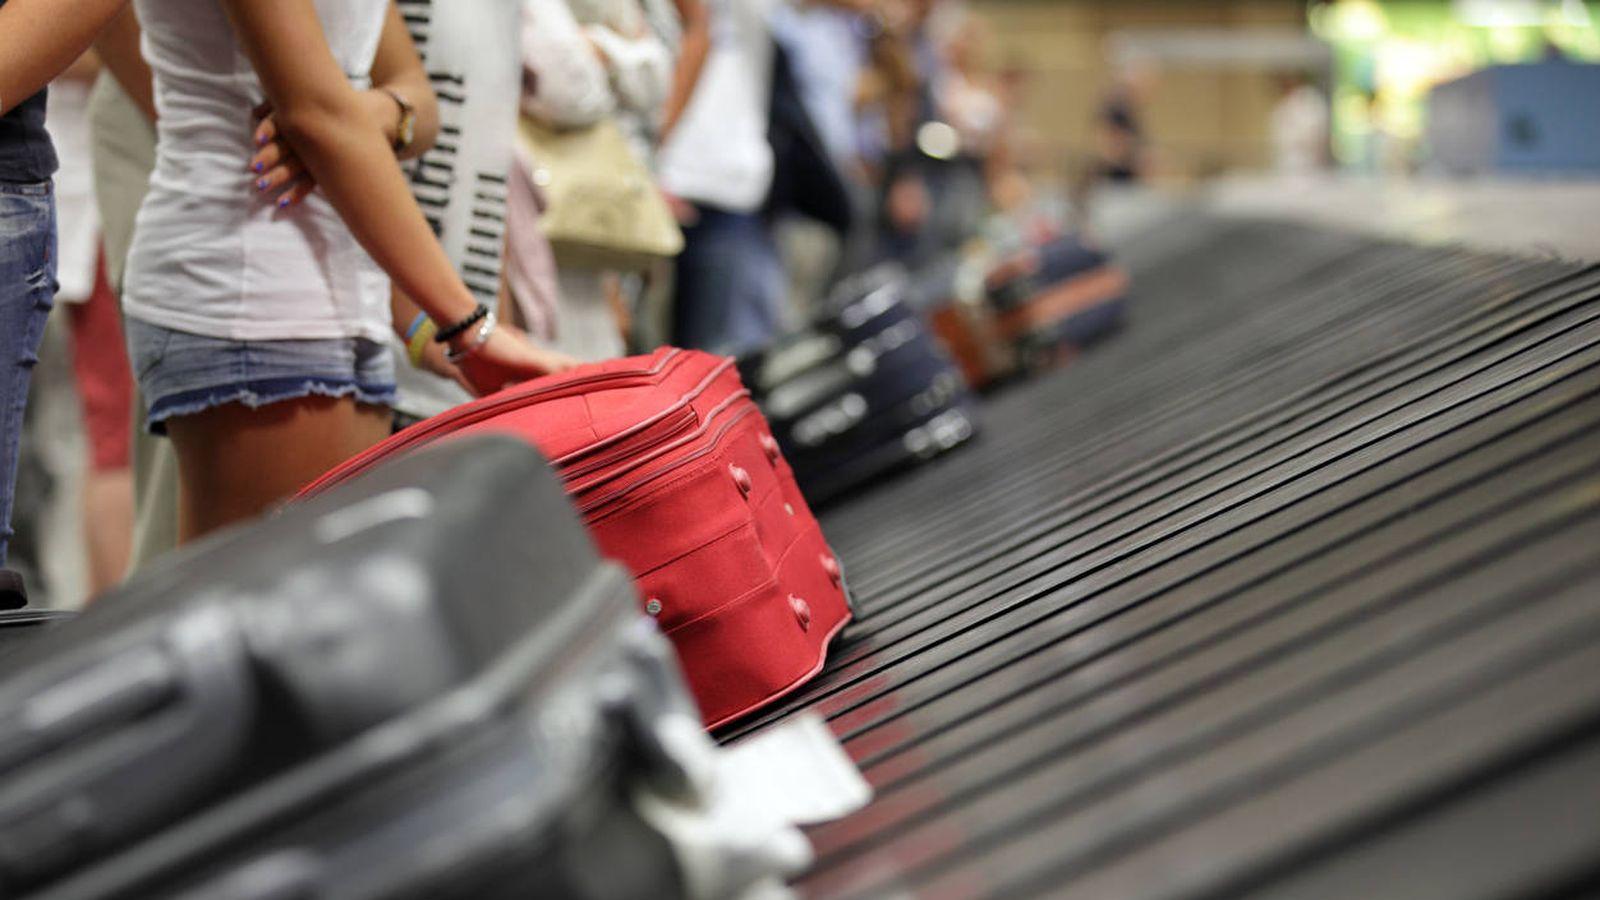 dac65f1d4 Virales: El truco para conseguir que tu maleta salga la primera en la cinta  del aeropuerto